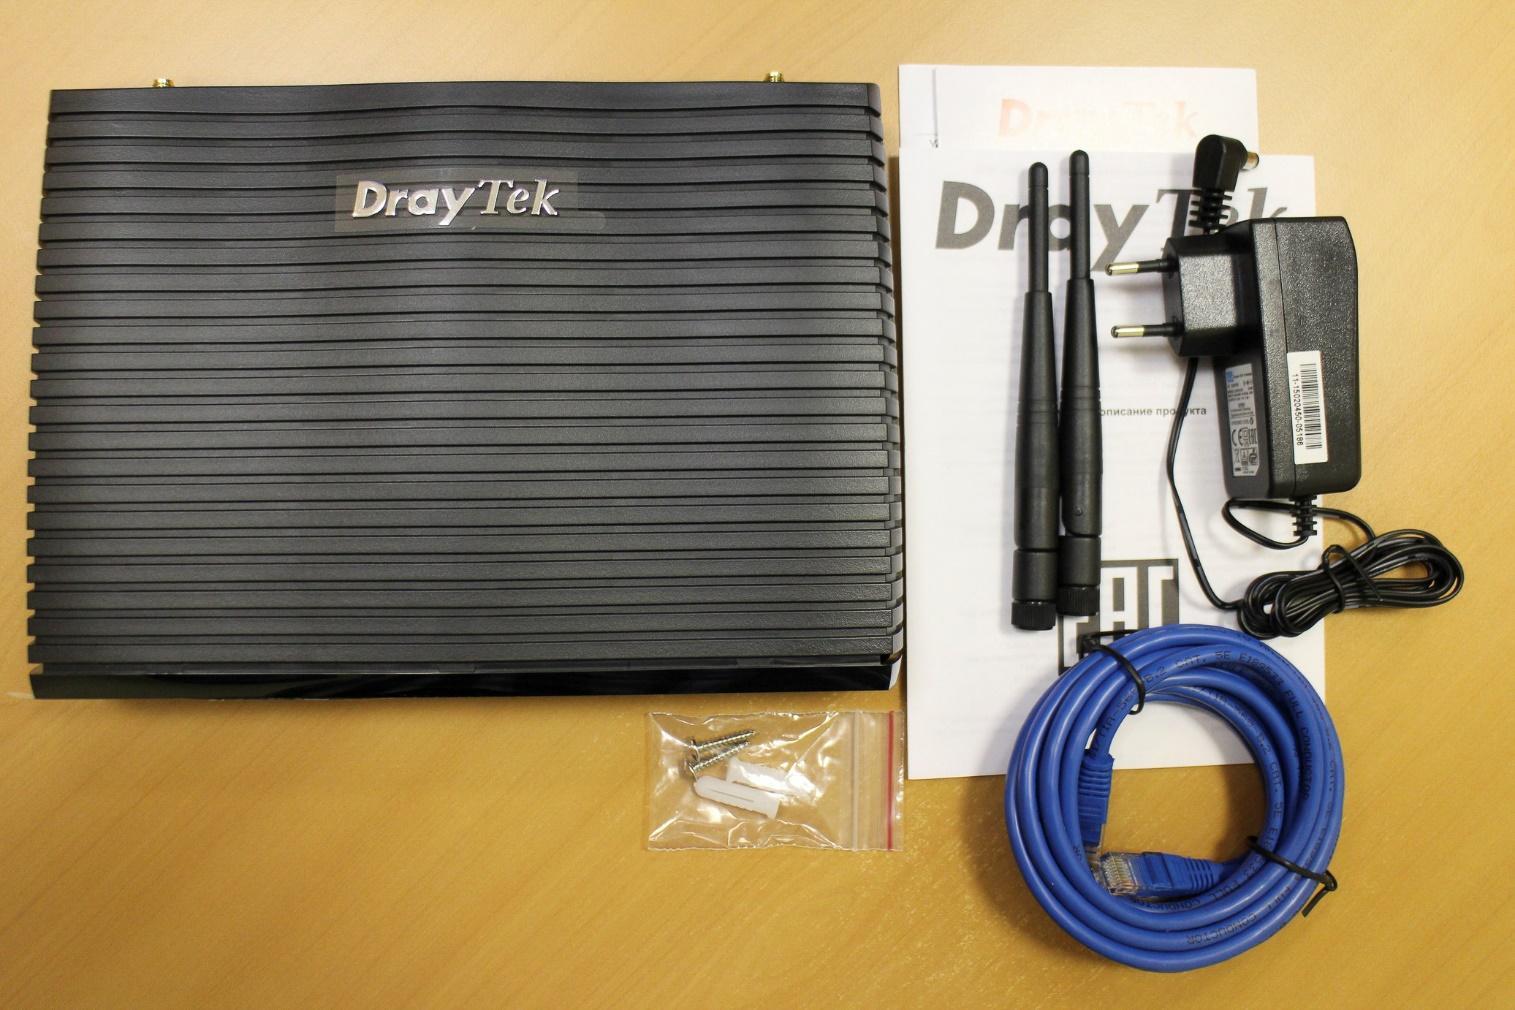 Обзор маршрутизатора Draytek серии 2925. Часть первая: общий обзор, характеристики и тесты - 31